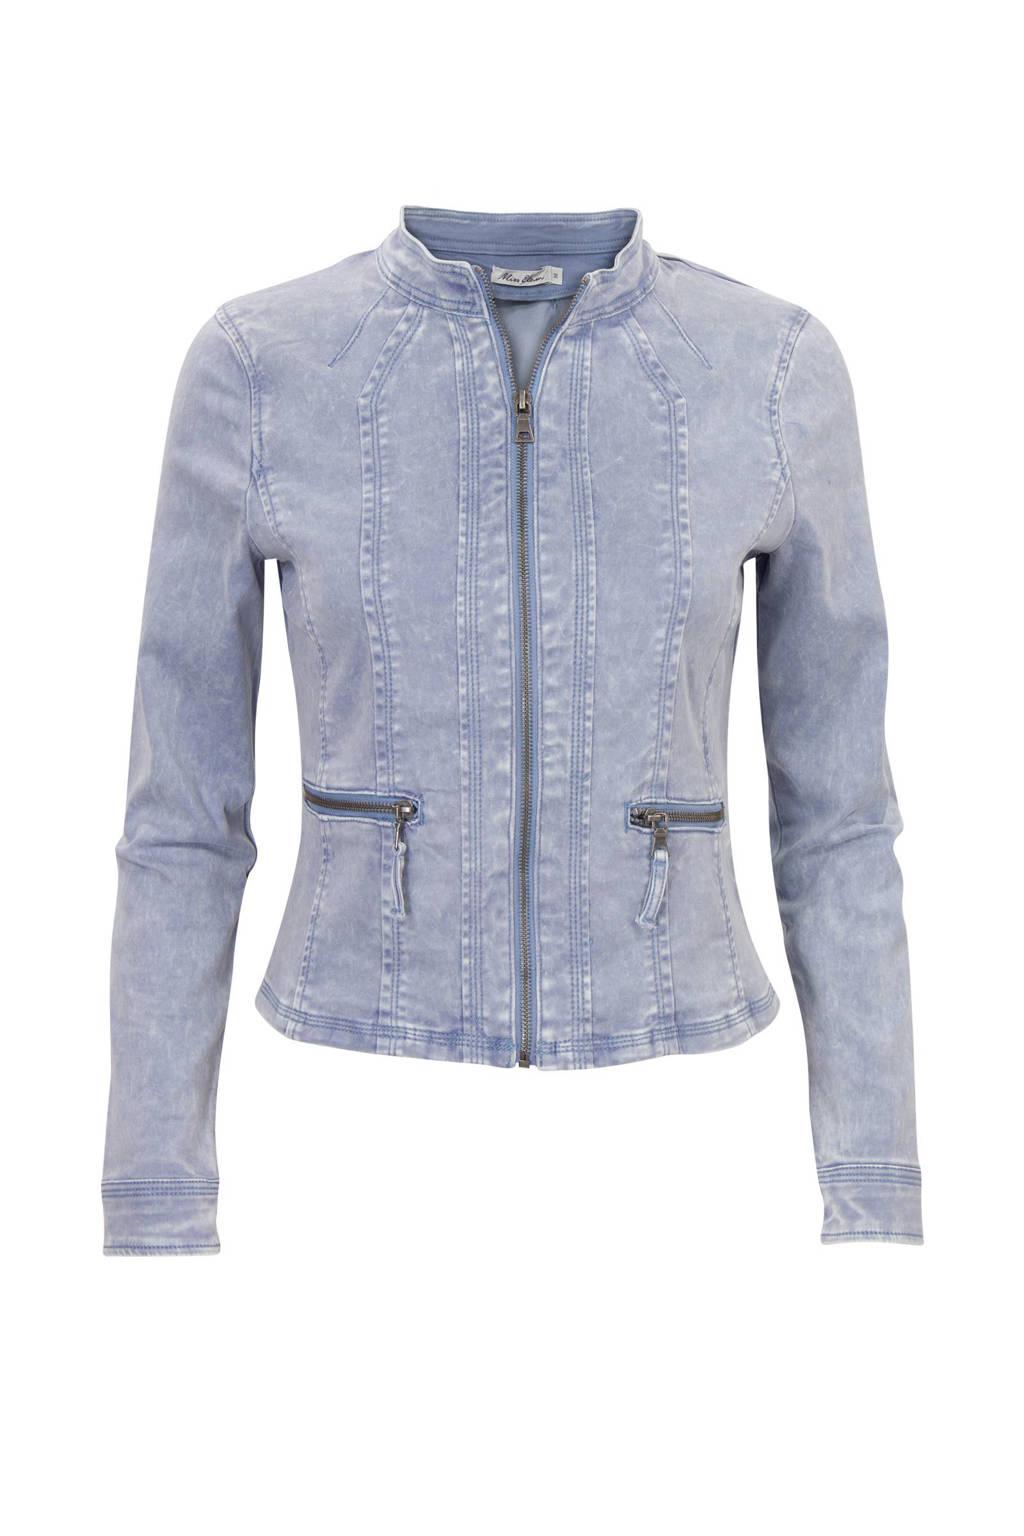 Miss Etam Regulier jasje, Blauw